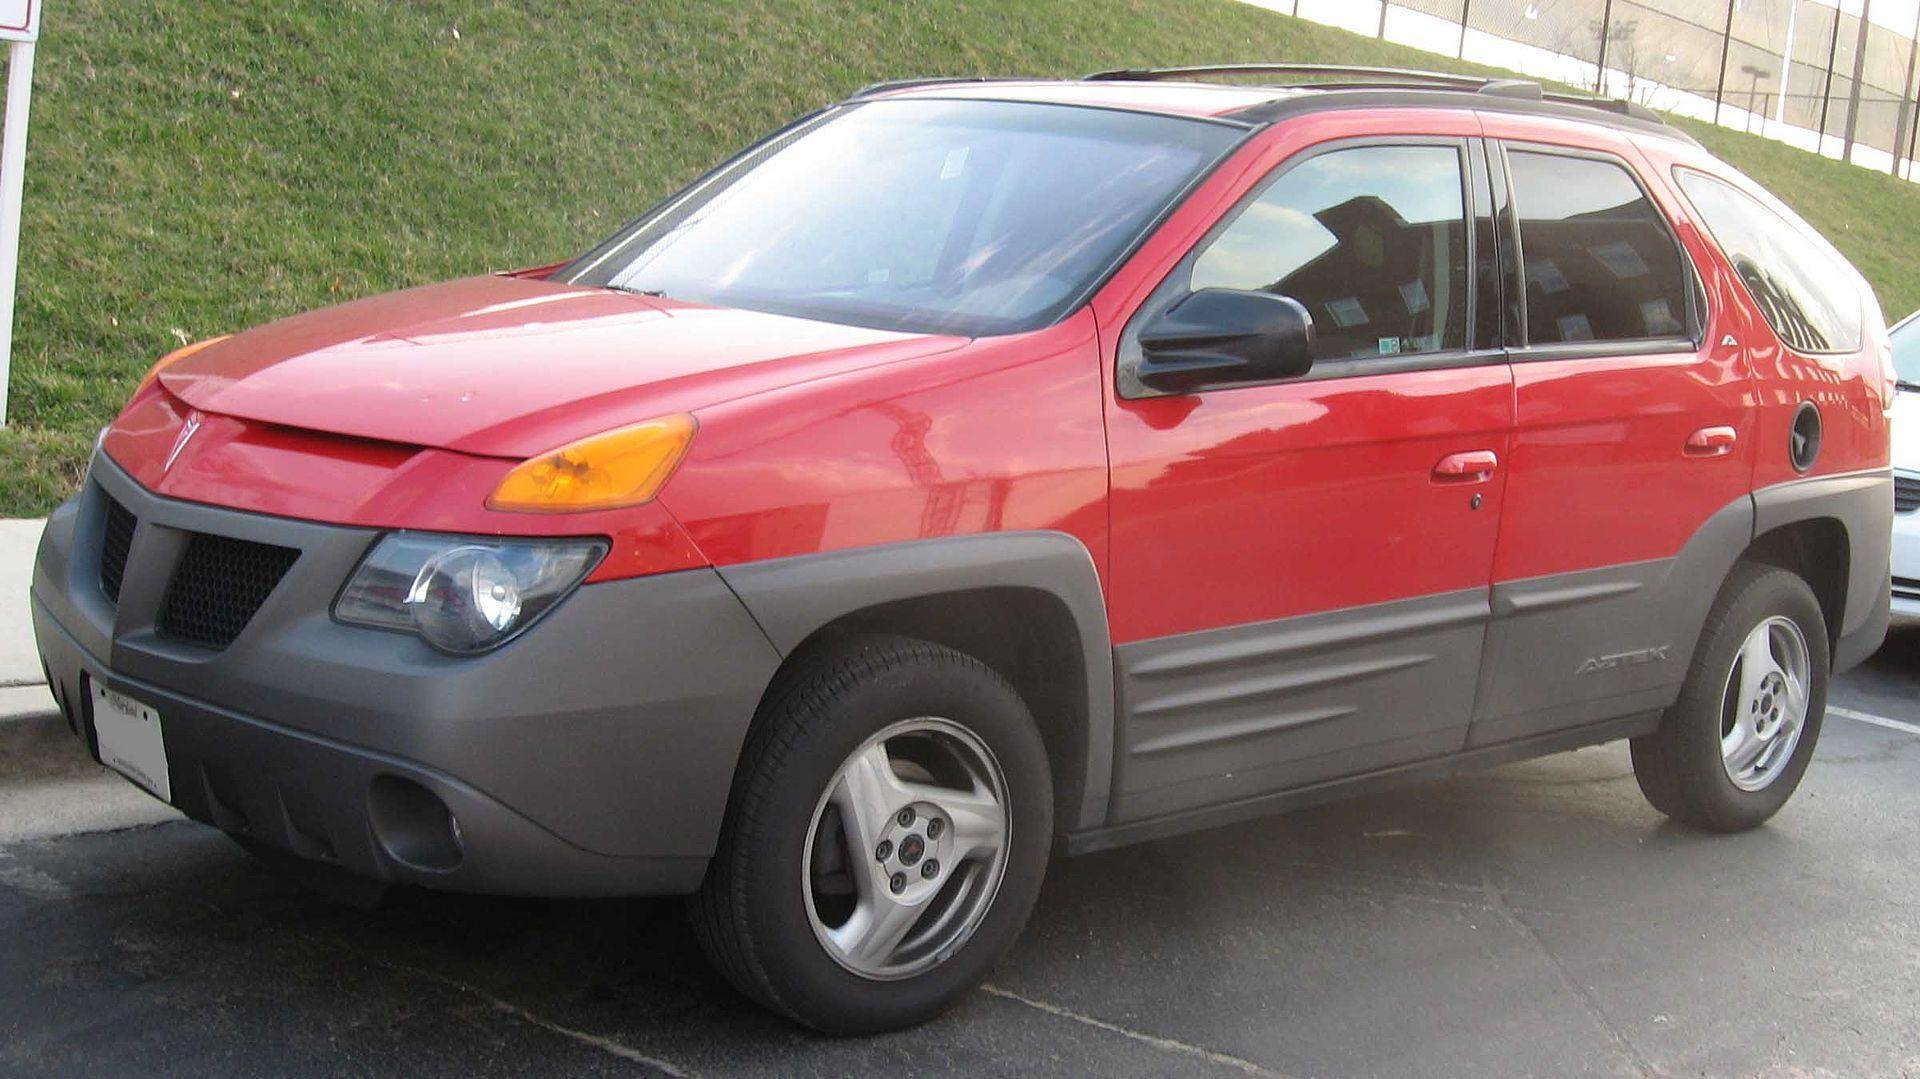 Red Pontiac Aztek. Car from Breaking Bad TV series.